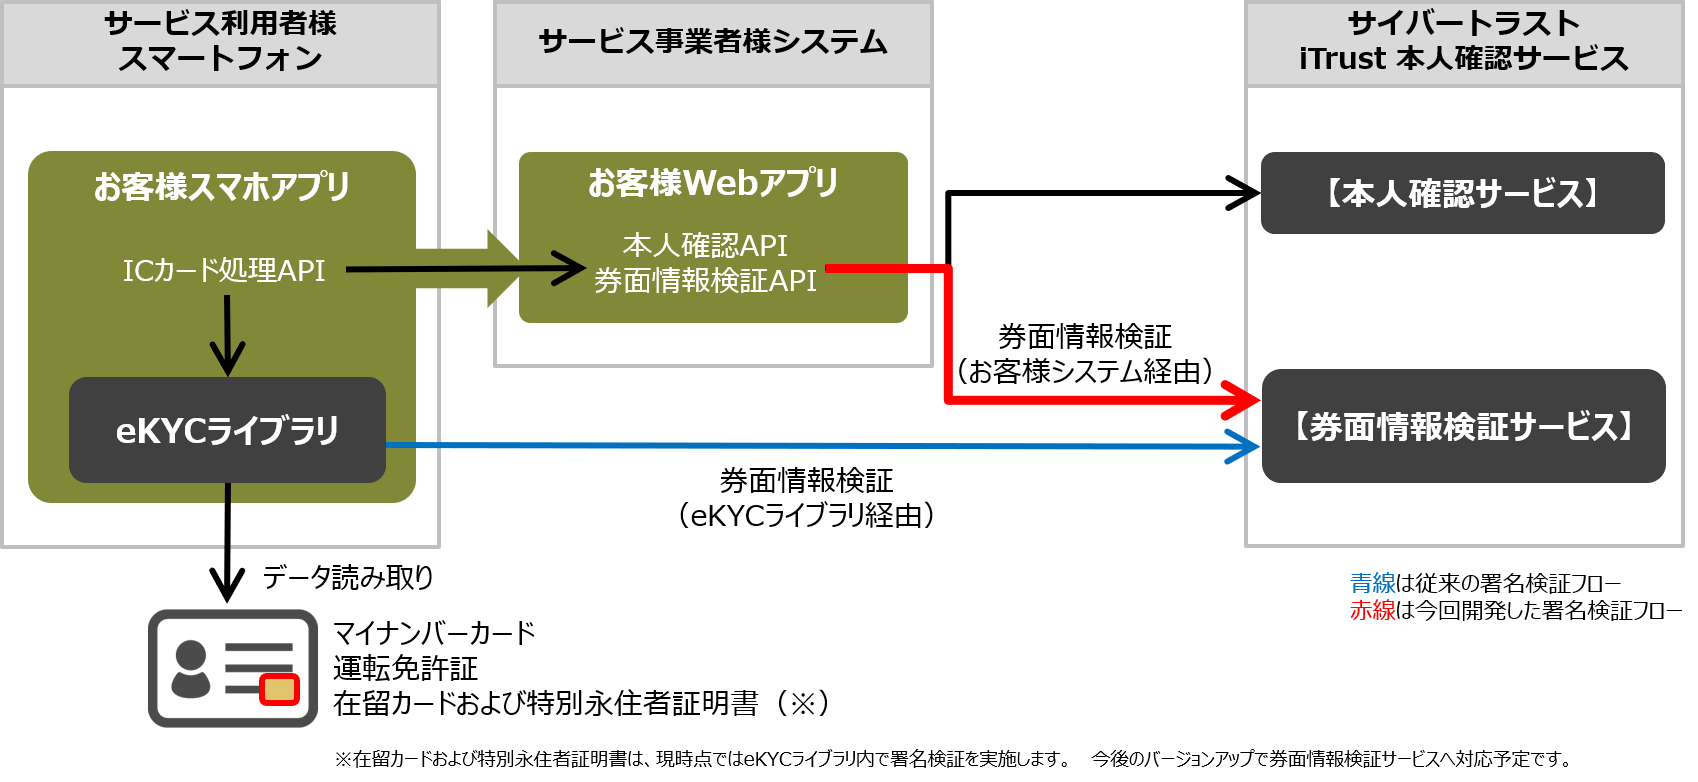 者 クライアント ソフト 利用